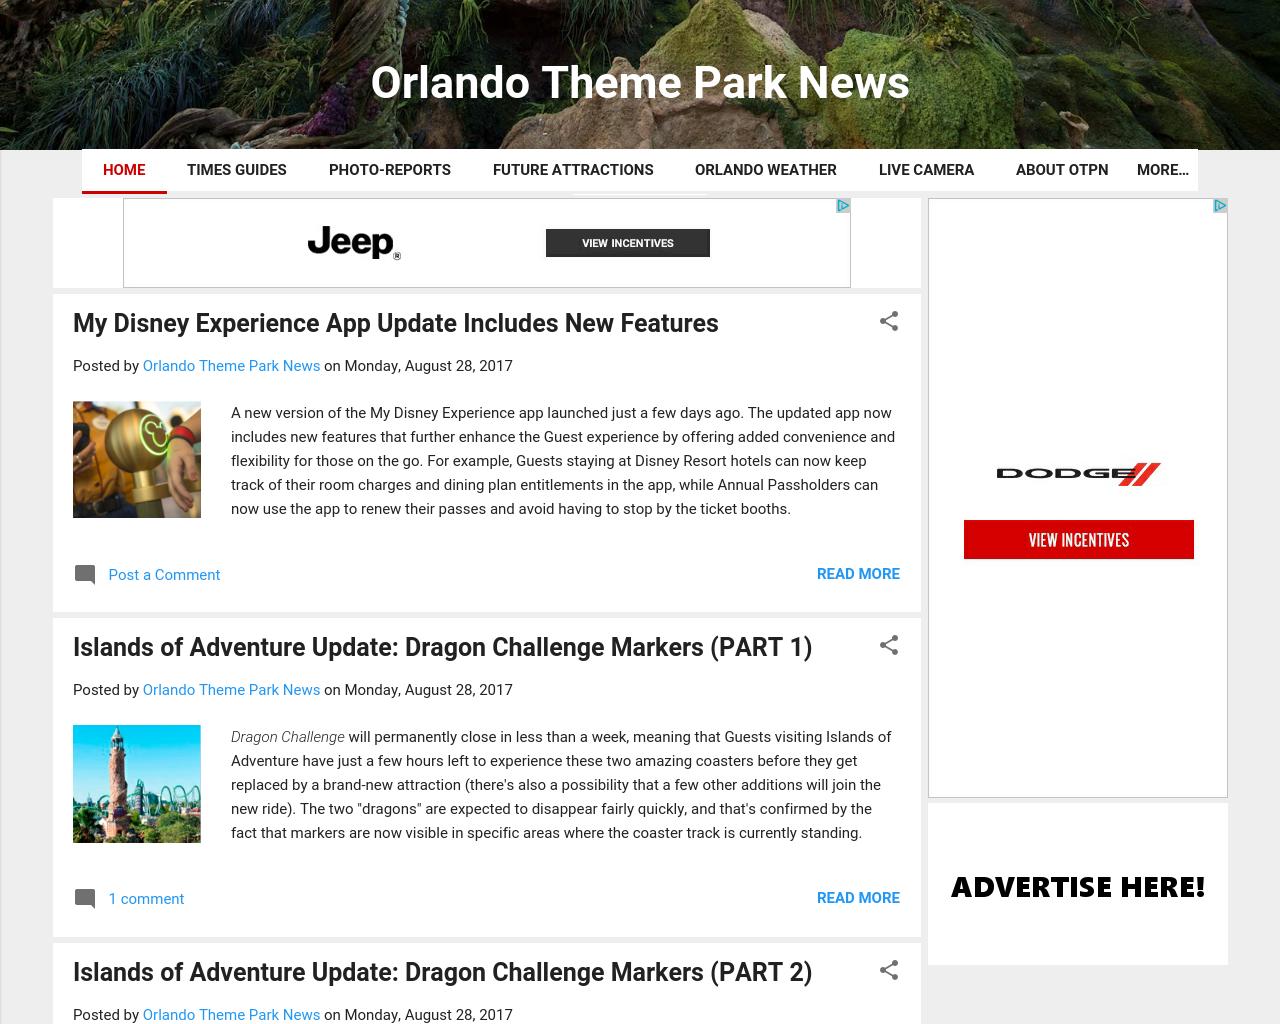 Orlando-Theme-Park-News-Advertising-Reviews-Pricing